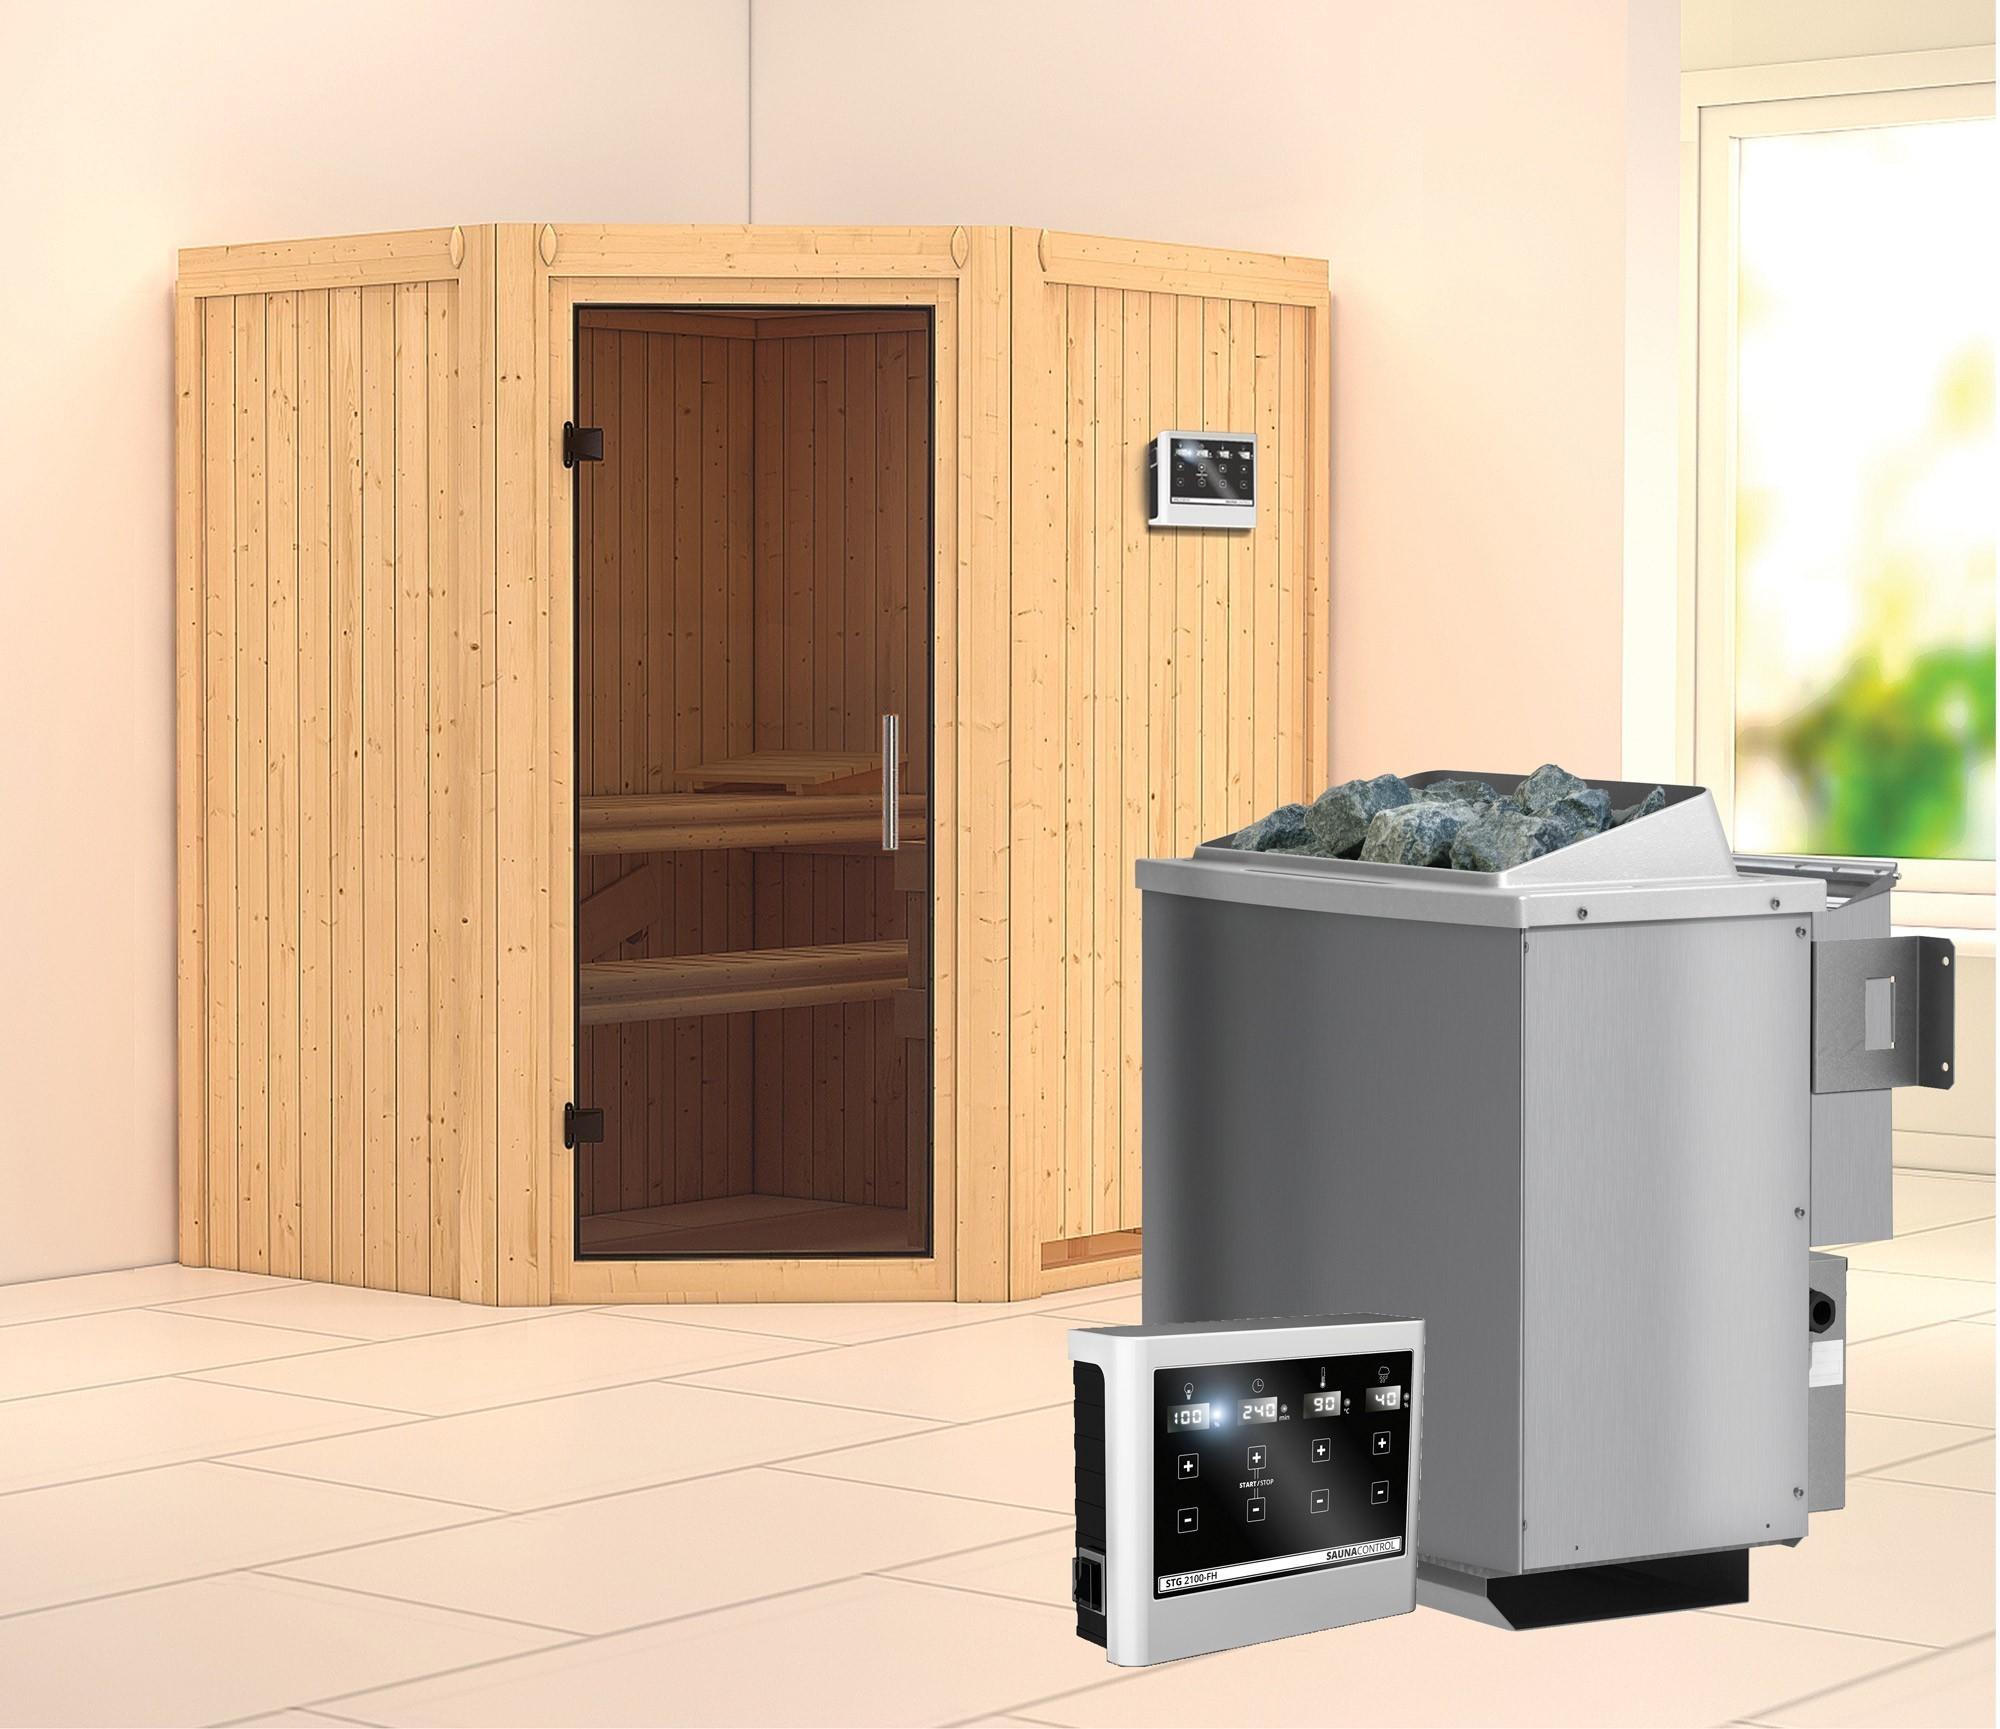 Karibu Sauna Taurin 68mm mit Bio Saunaofen 9kW extern moderne Tür Bild 1